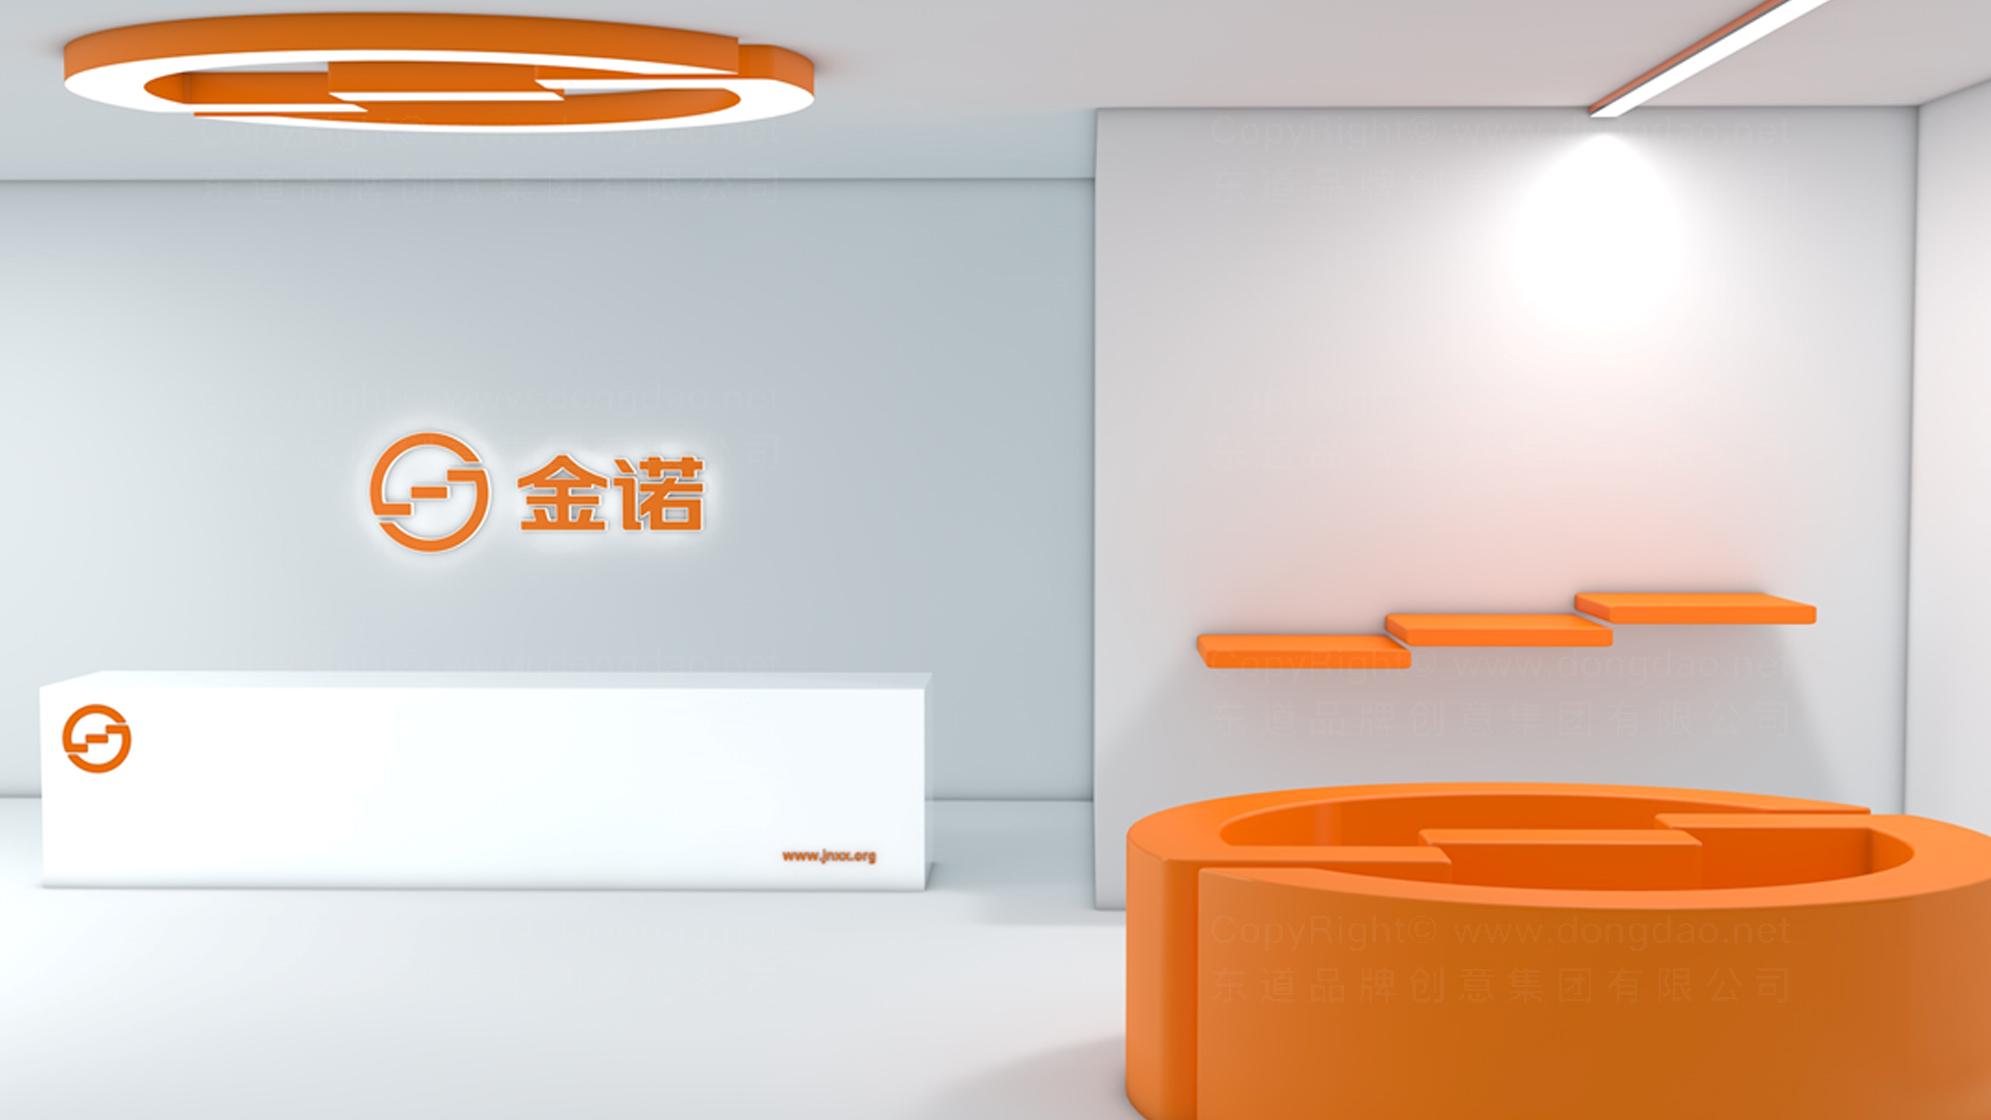 品牌设计金诺标志设计应用场景_1